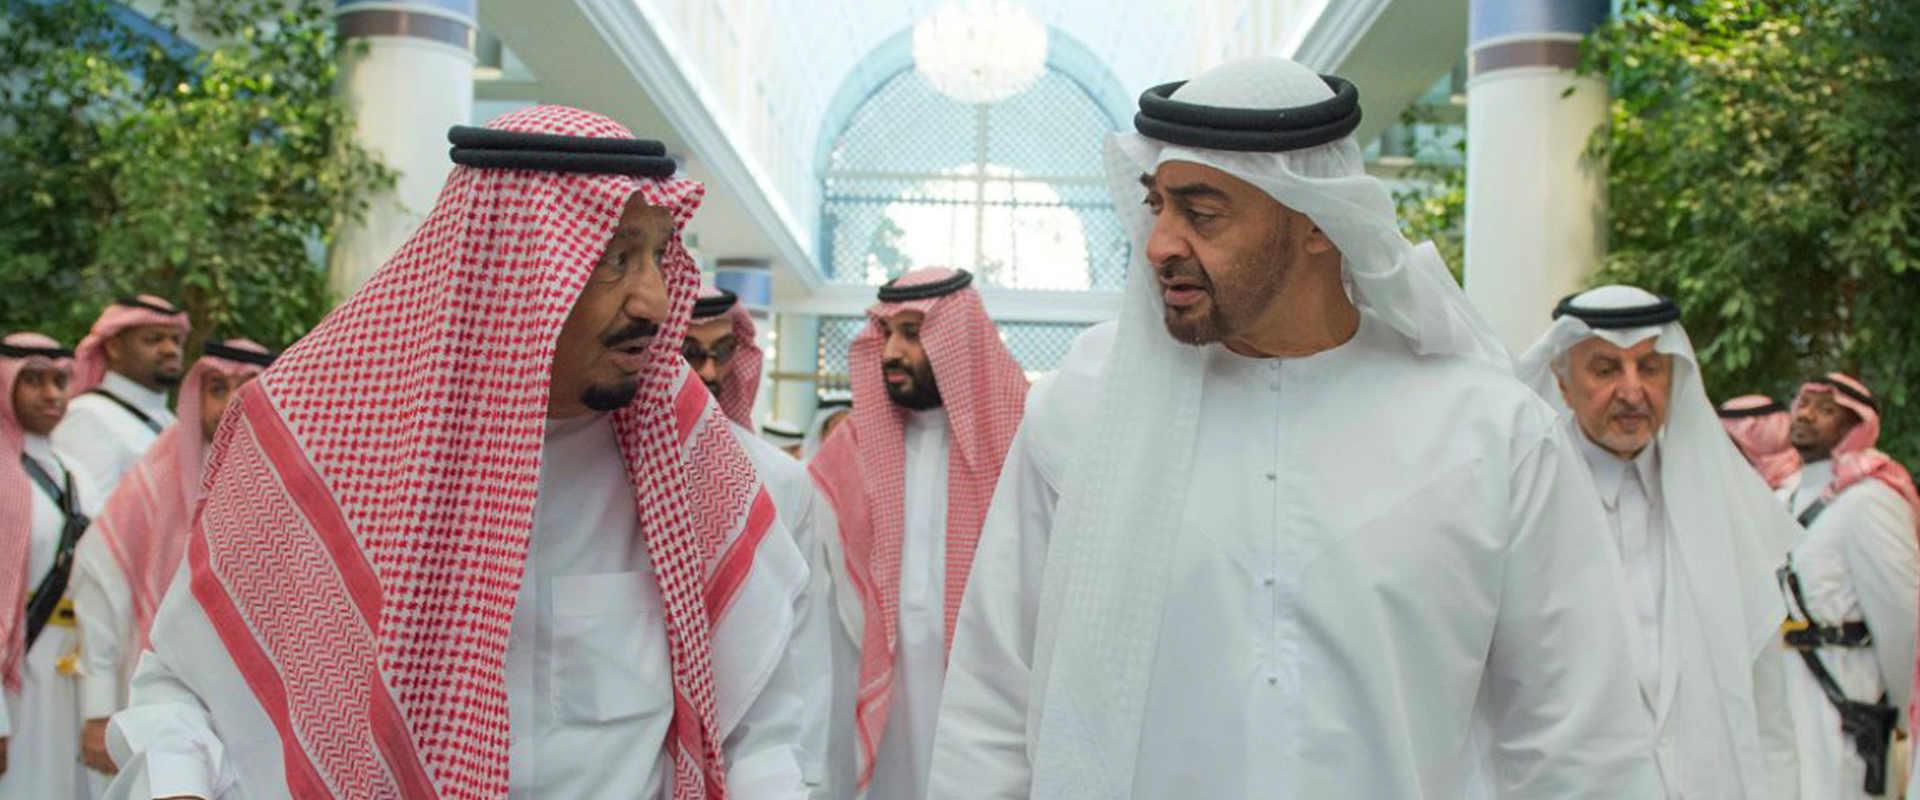 מלך סעודיה לצד נסיך הכתר של אבו-דאבי, יולי 2017